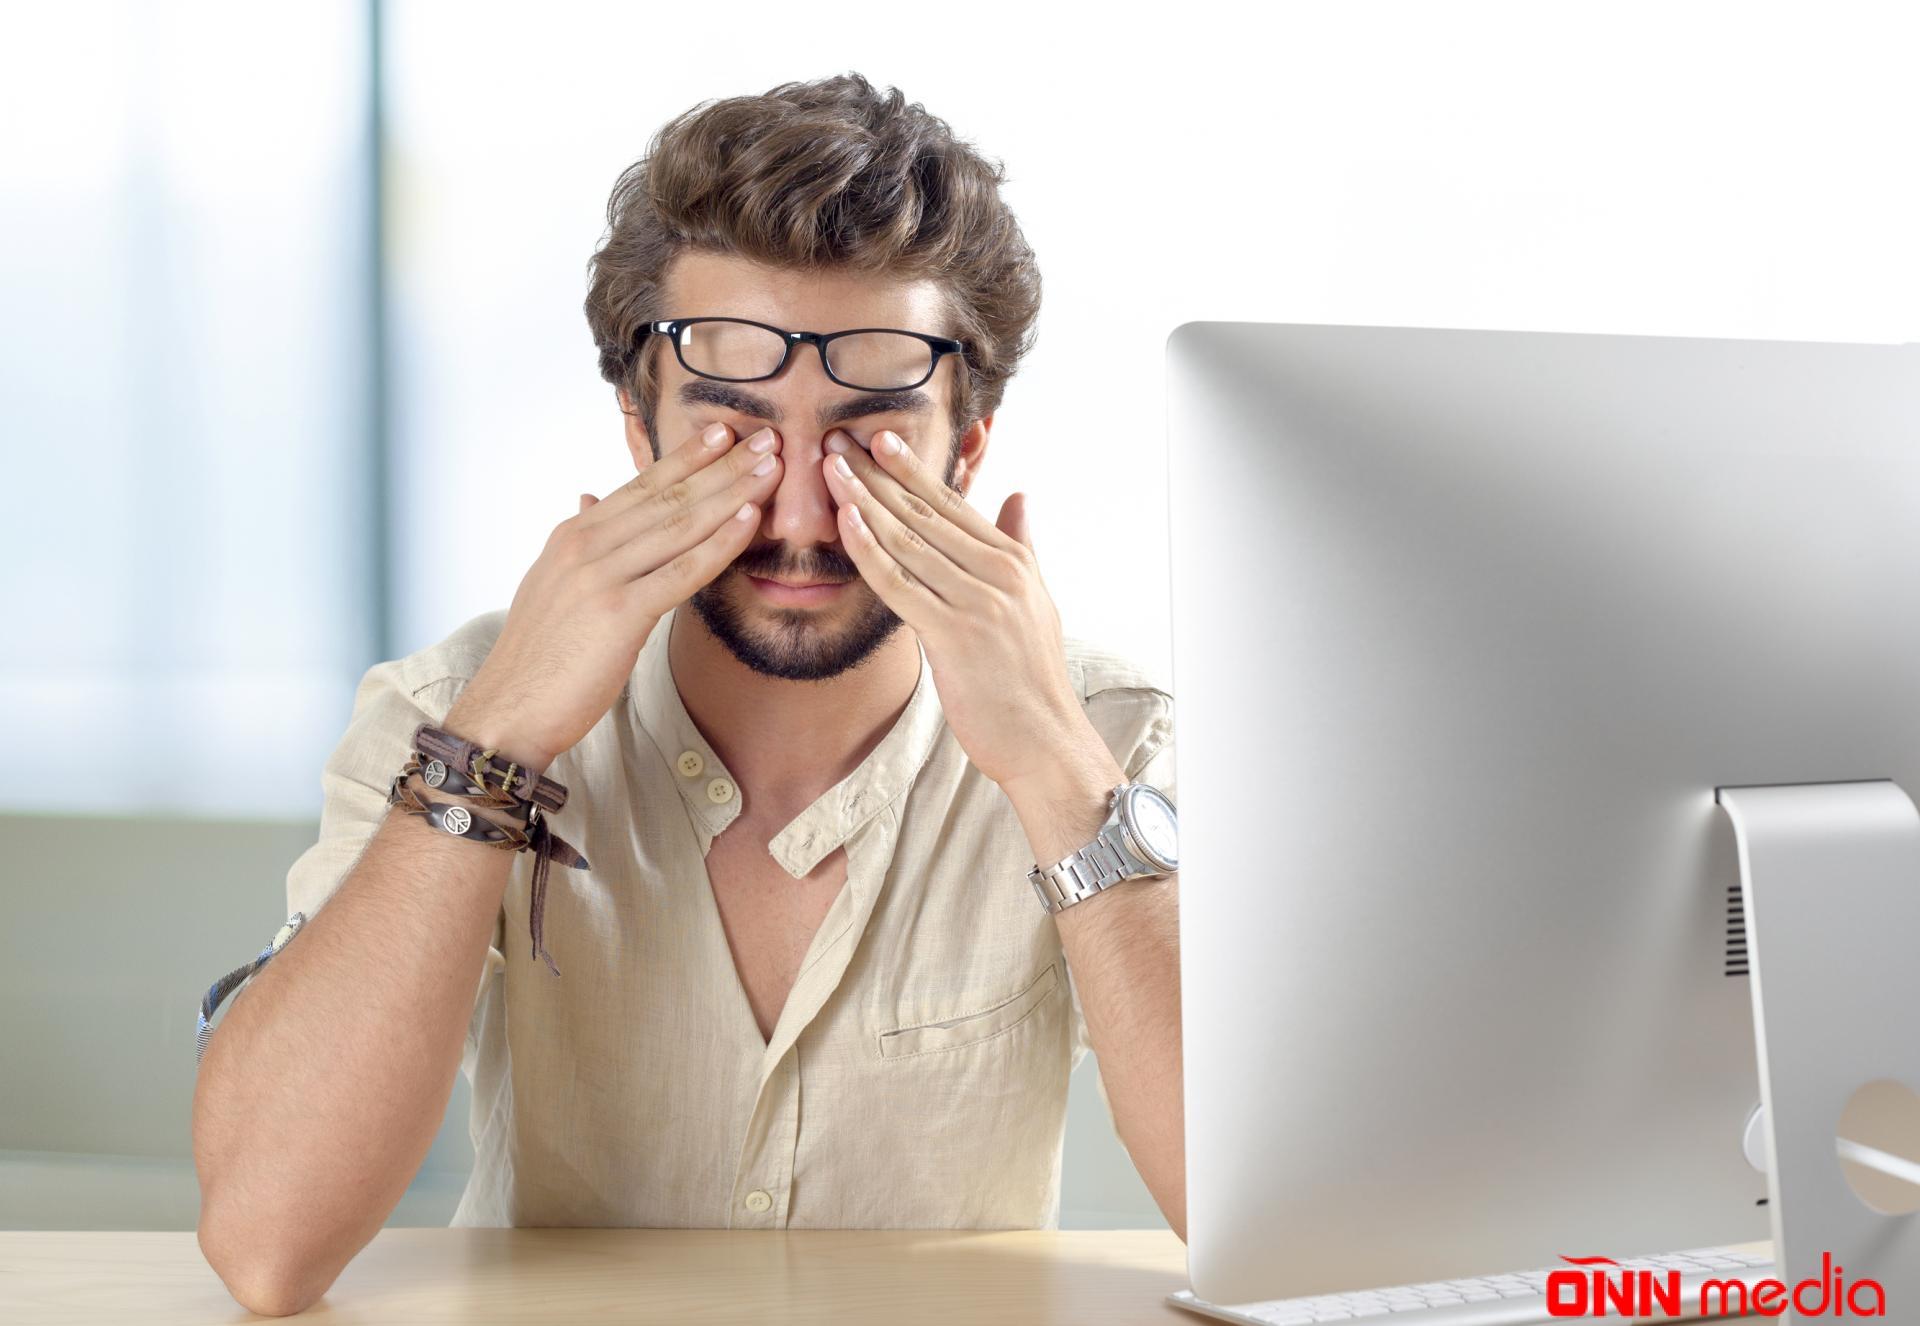 Gözləriniz yorğun və xəstədir? – BUNLARI EDİN